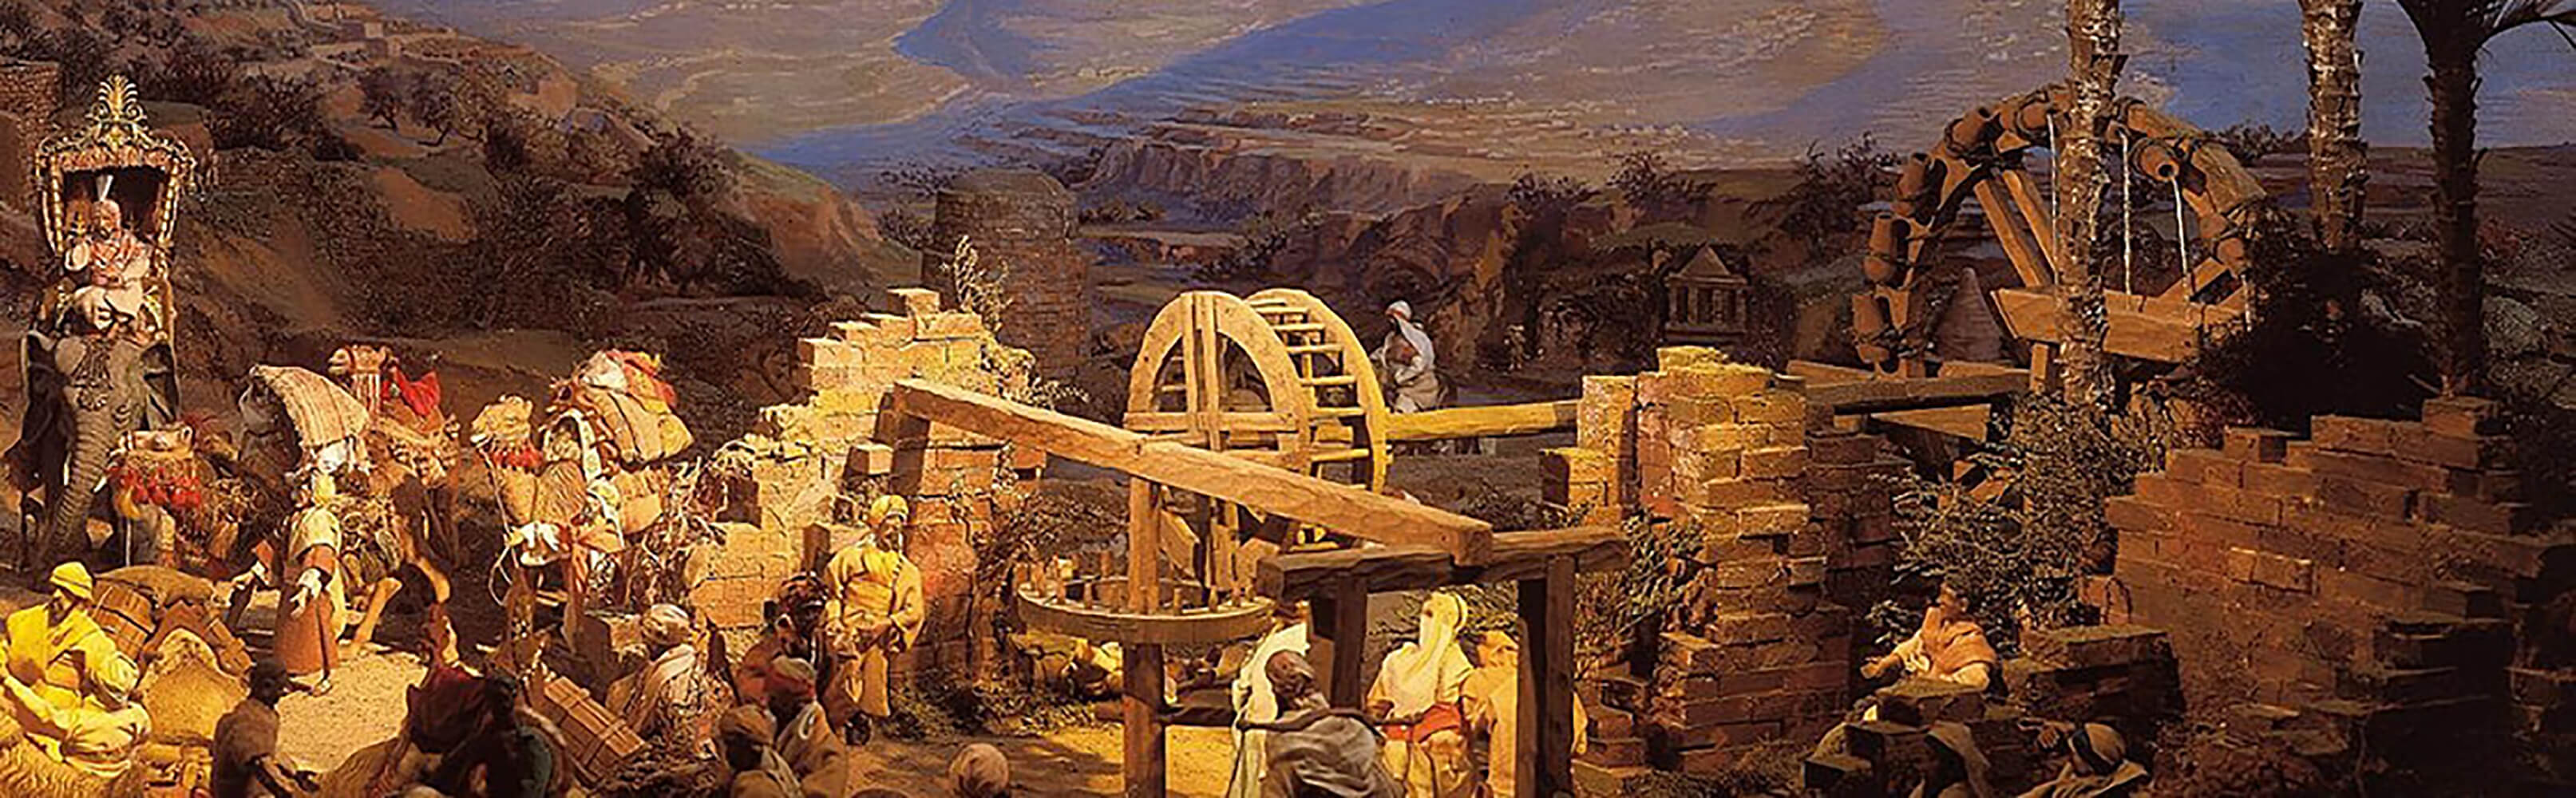 Diorama Bethlehem Einsiedeln 1